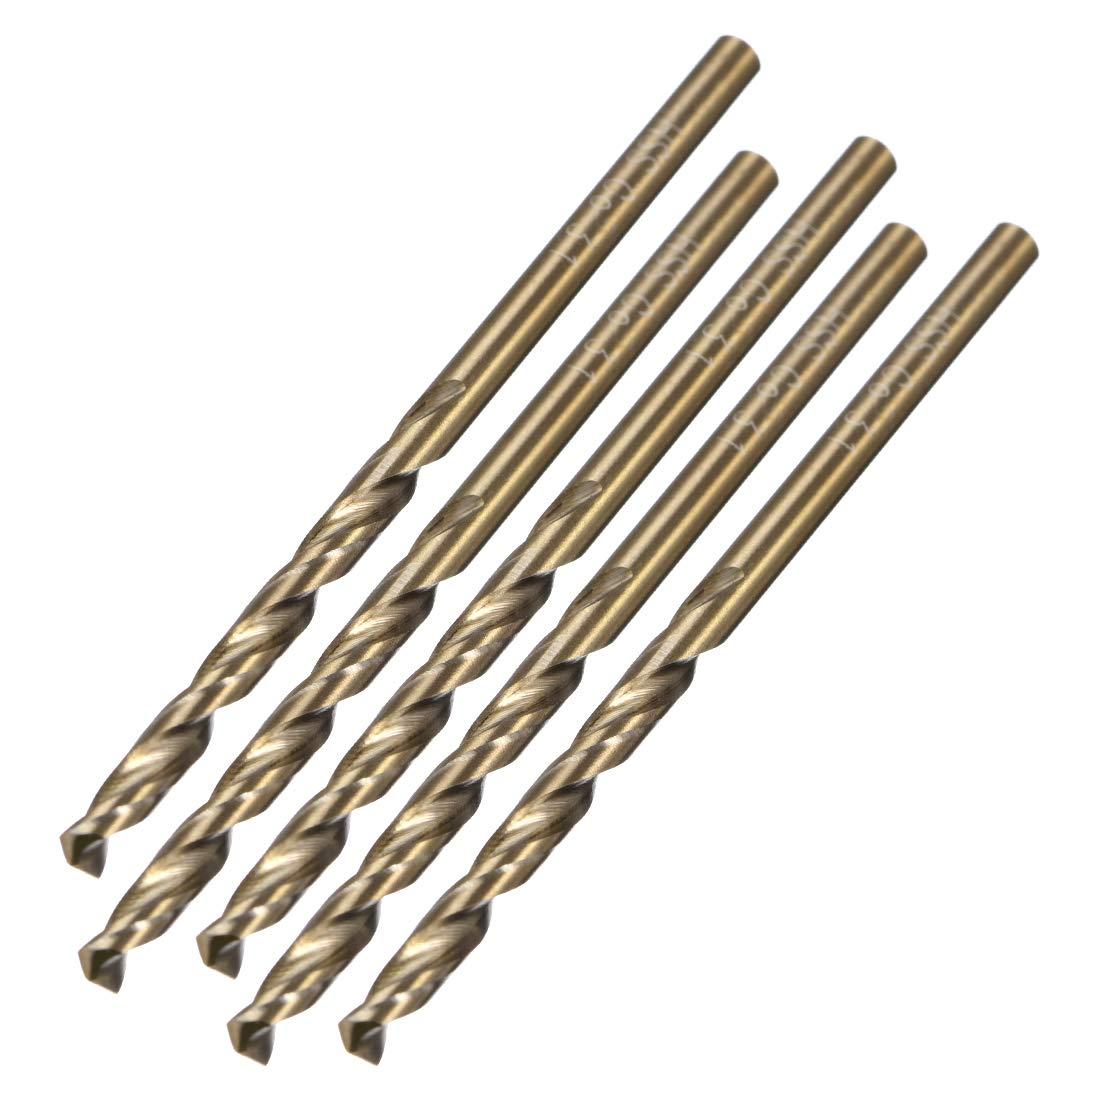 3.1mm Twist Drill High Speed Steel Bit HSS M35 5/% Co 5pcs